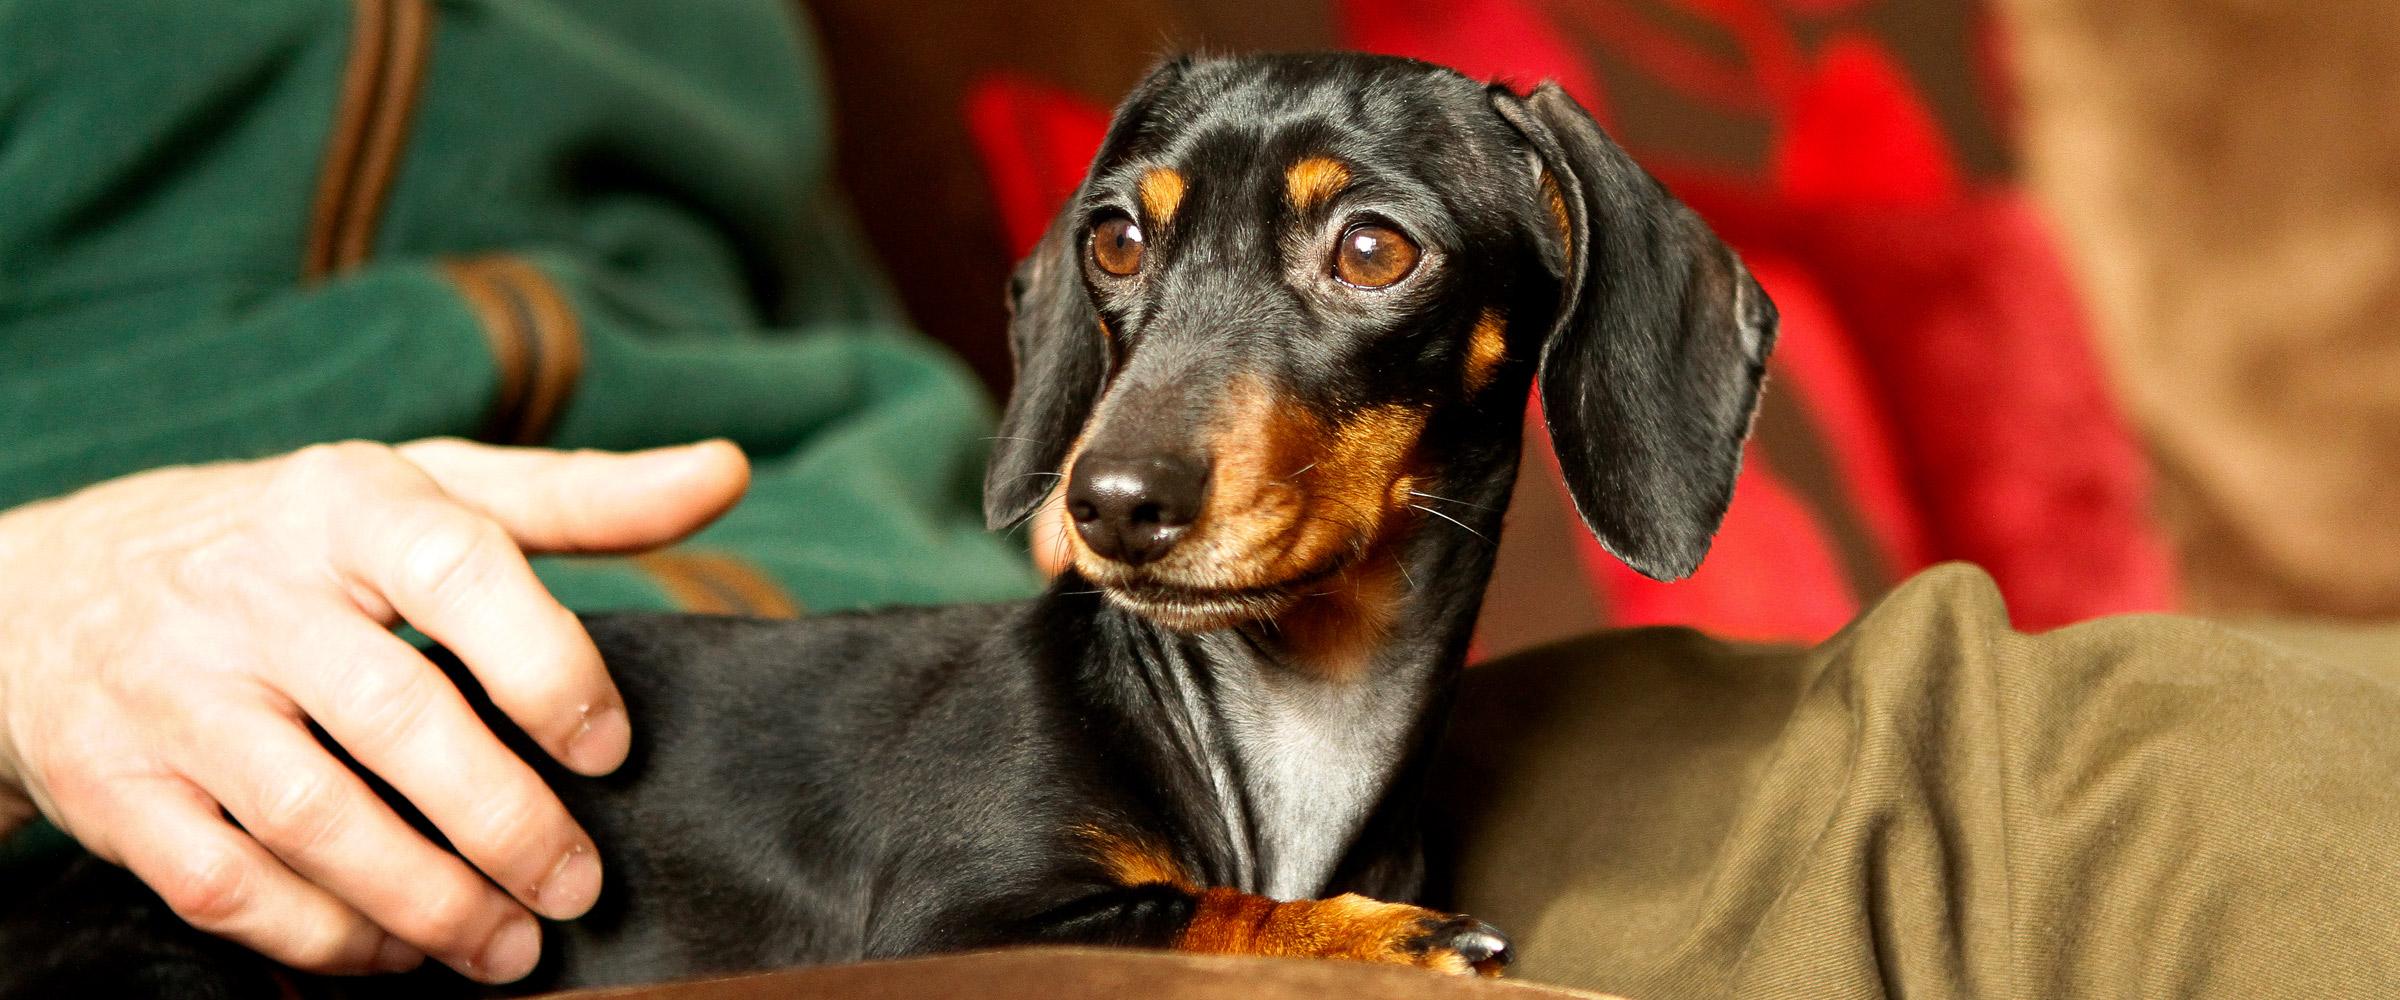 Dog-photography-banbury